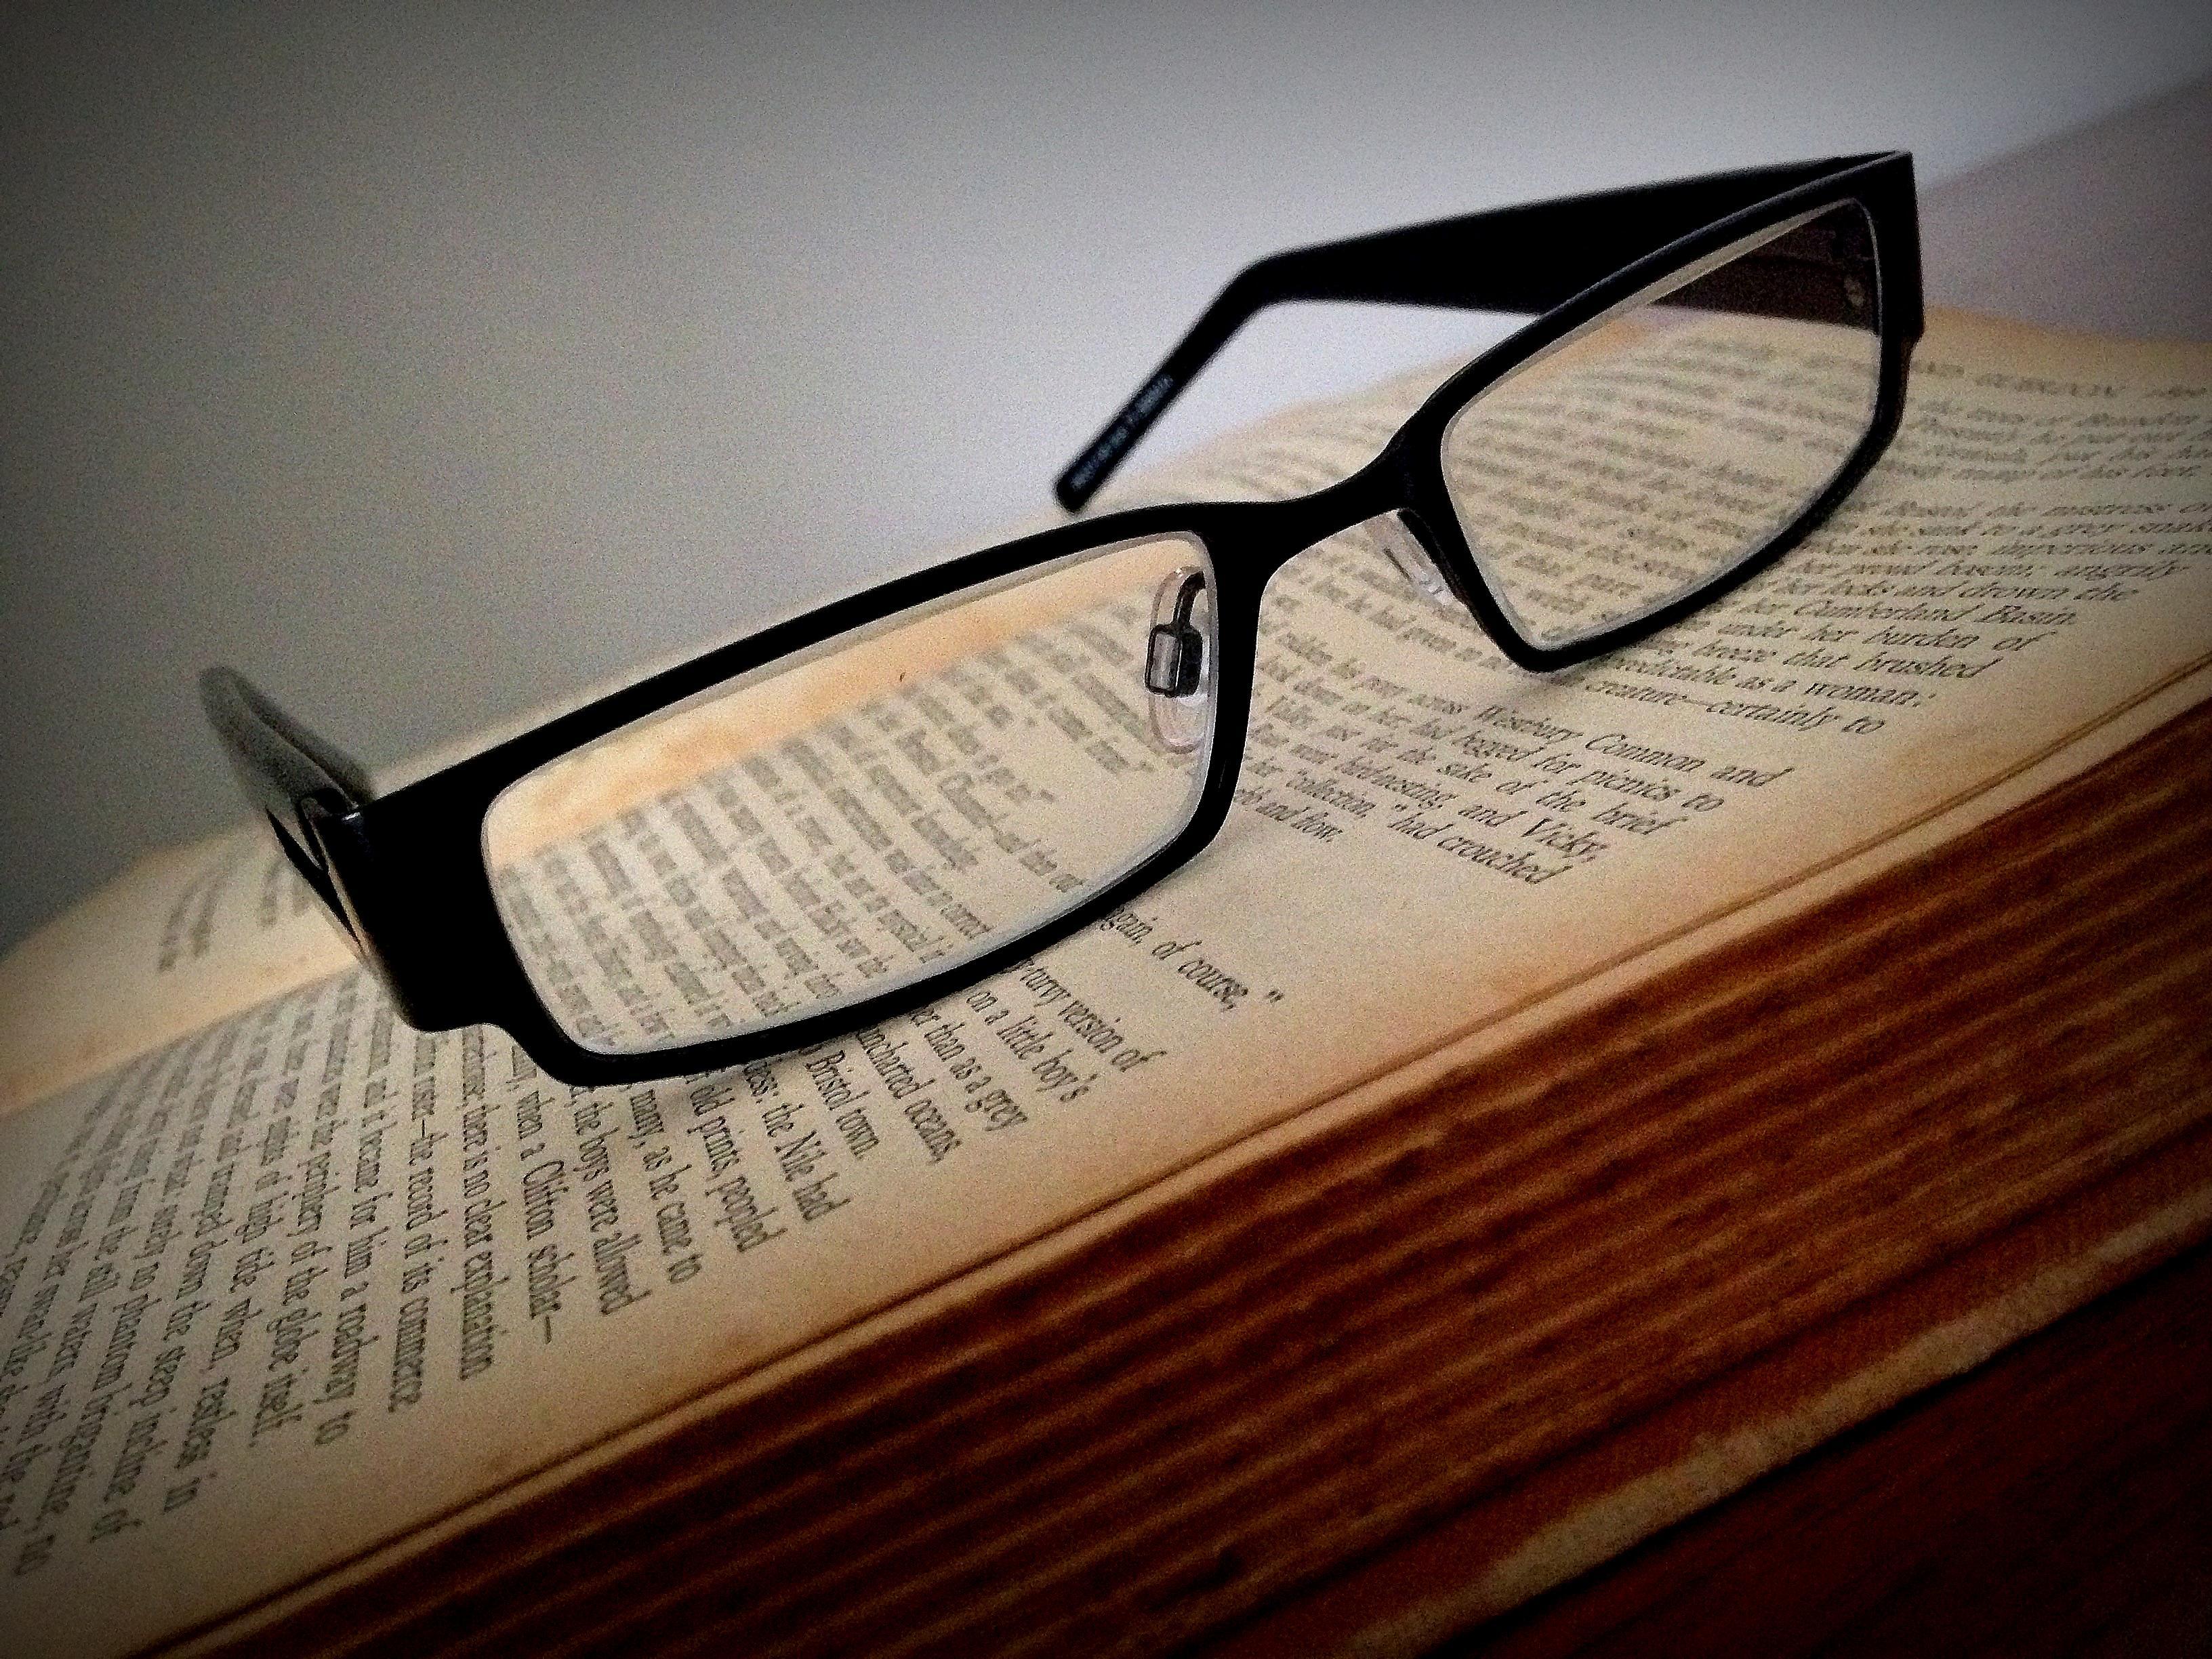 f26dd0e517 Types of Eyeglass Frames - My Best Eyeglasses